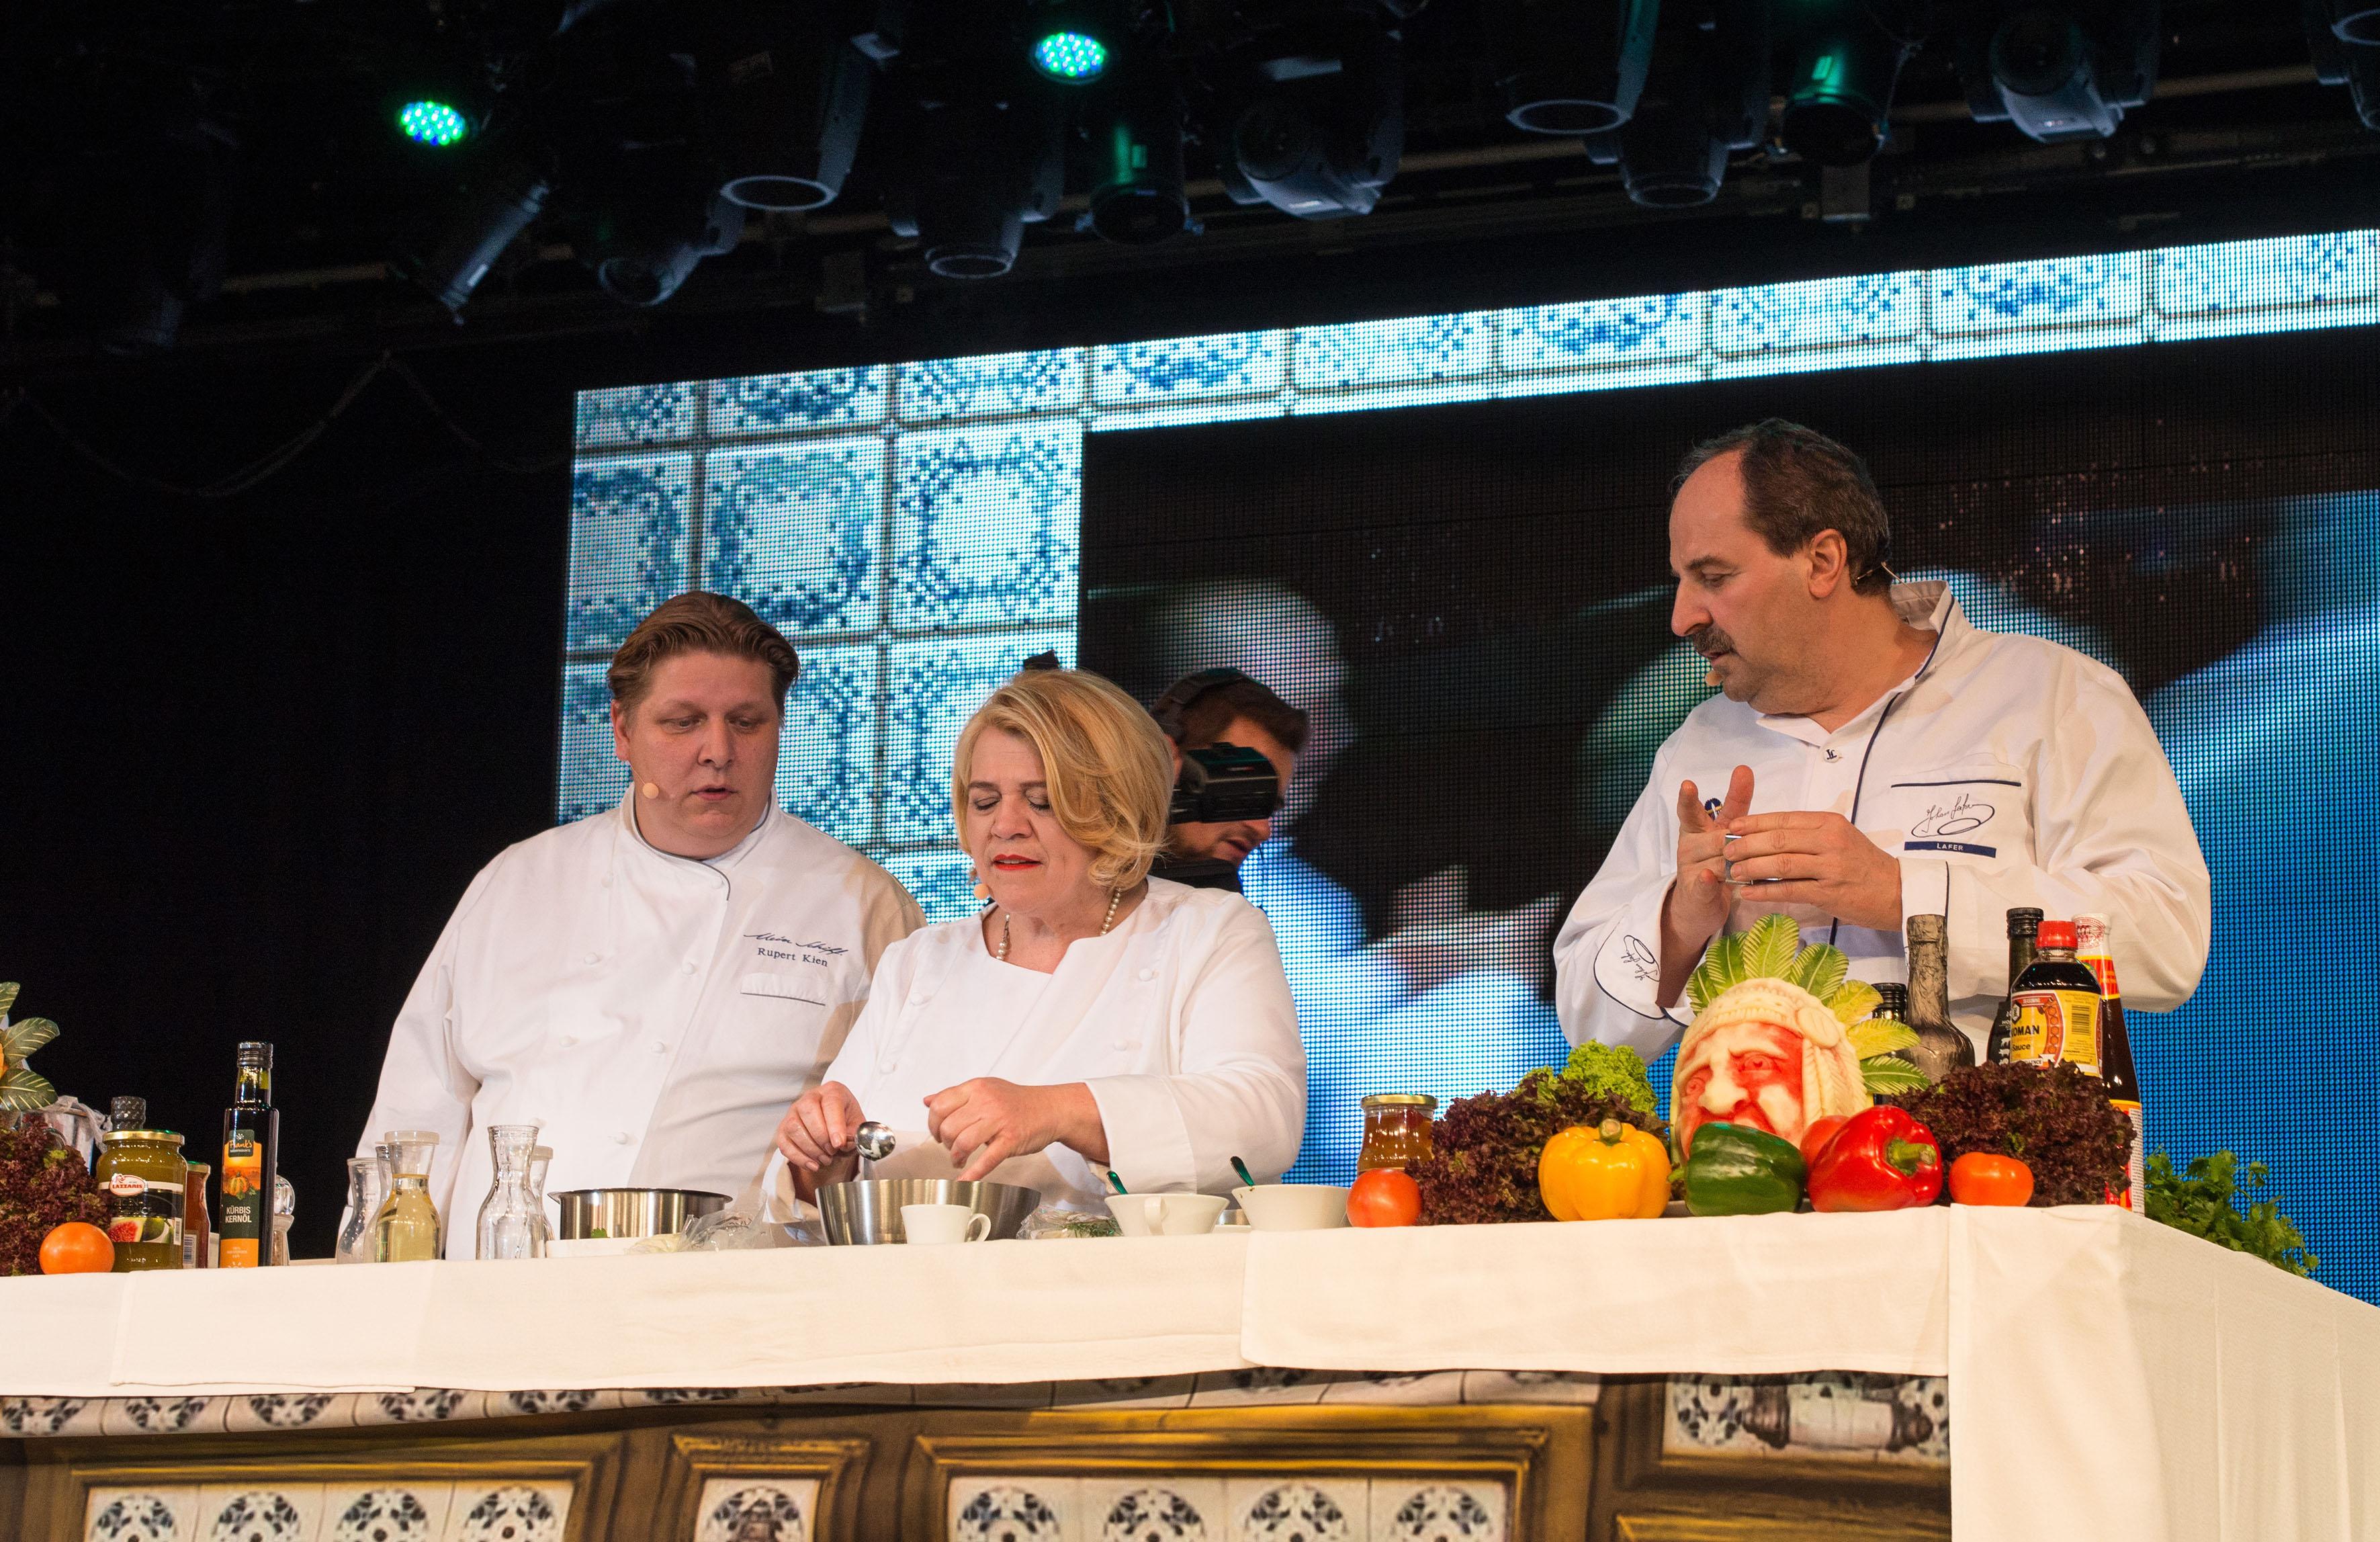 Johan Lafer und Lea Linster bei der Kochshow auf der Mein Schiff 1